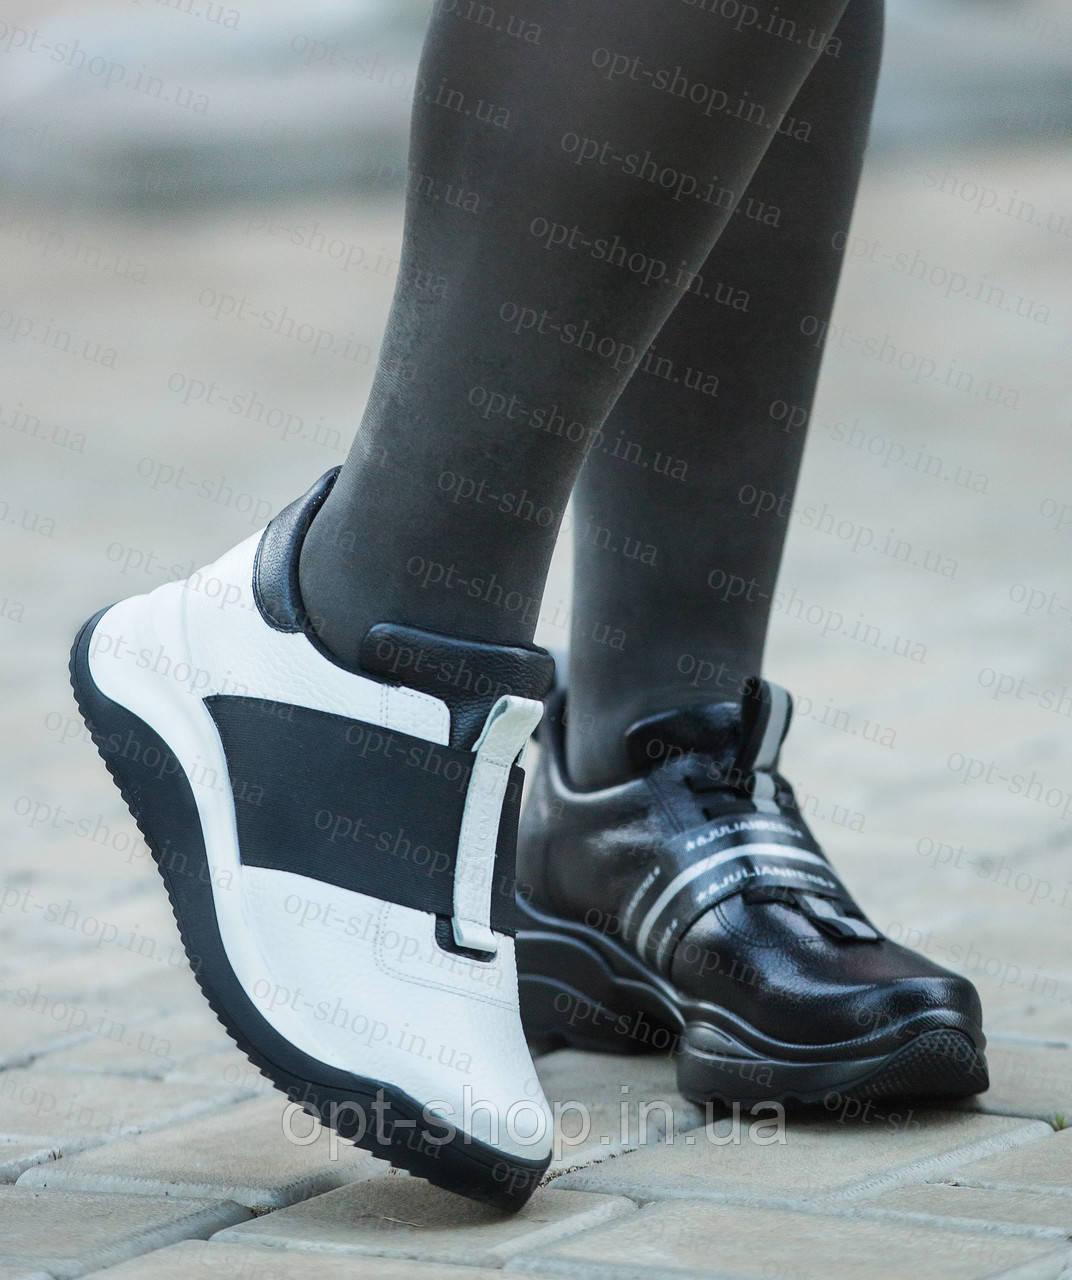 Кроссовки мокасины женские белые большого размера 42,43,44,45, женская обувь большого размера от производителя